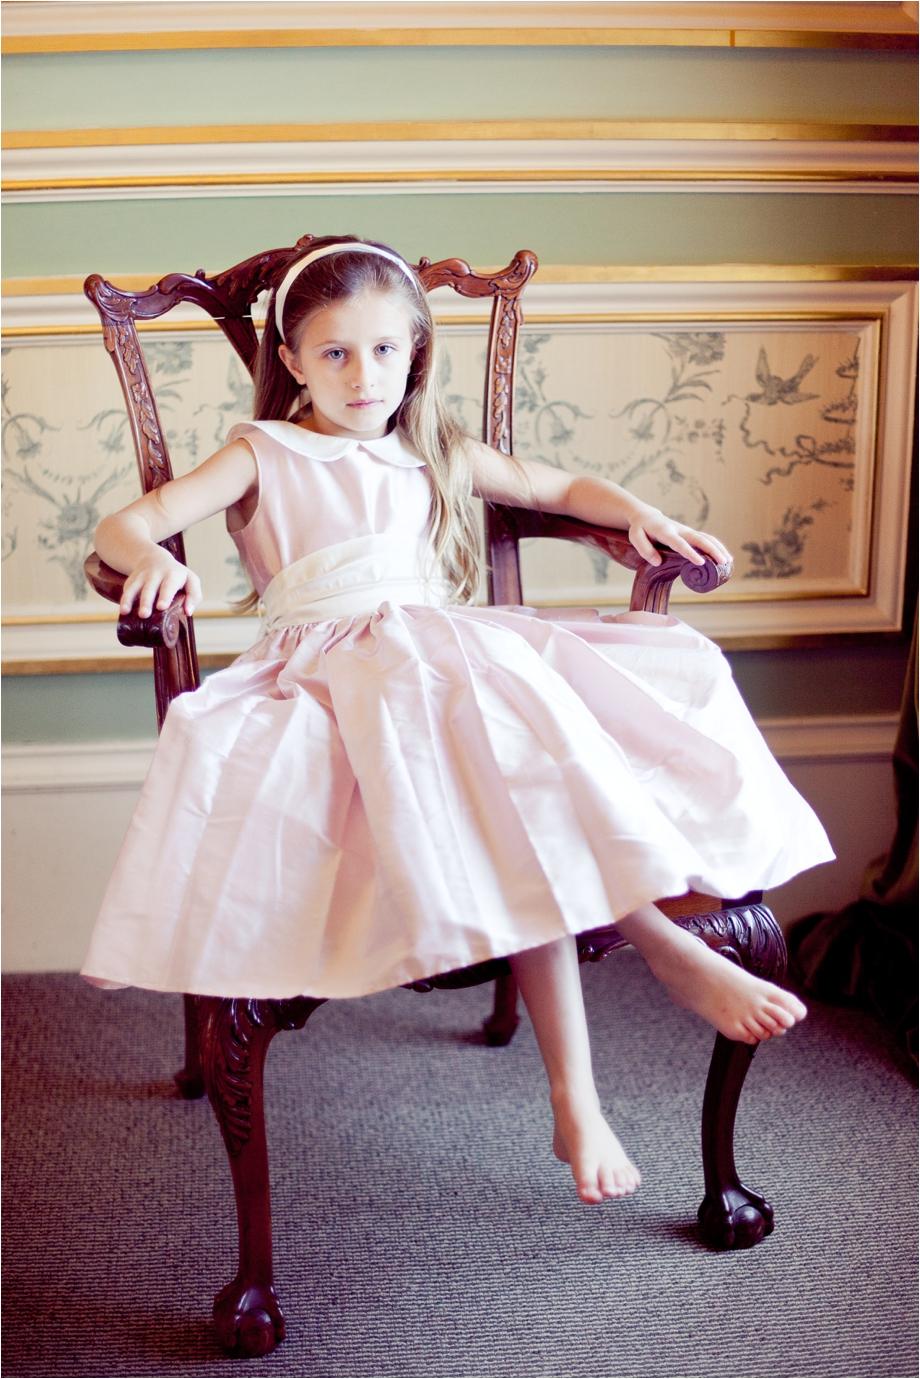 055_eddie-judd-photography-miss-bush-bridal-debutantes_0703_FB